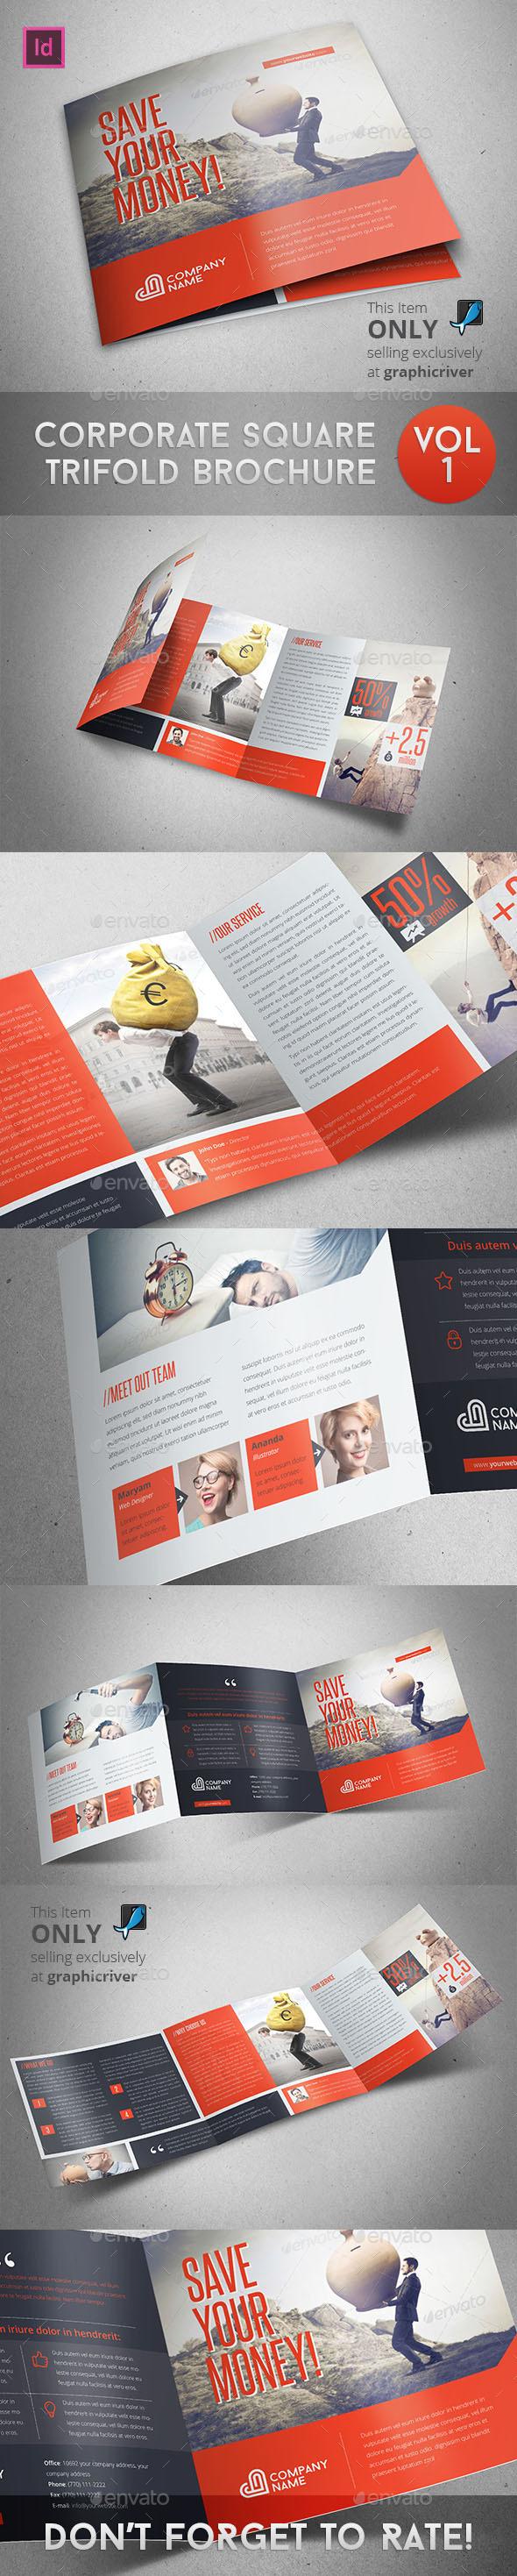 GraphicRiver Corporate Square Trifold Brochure 9826312